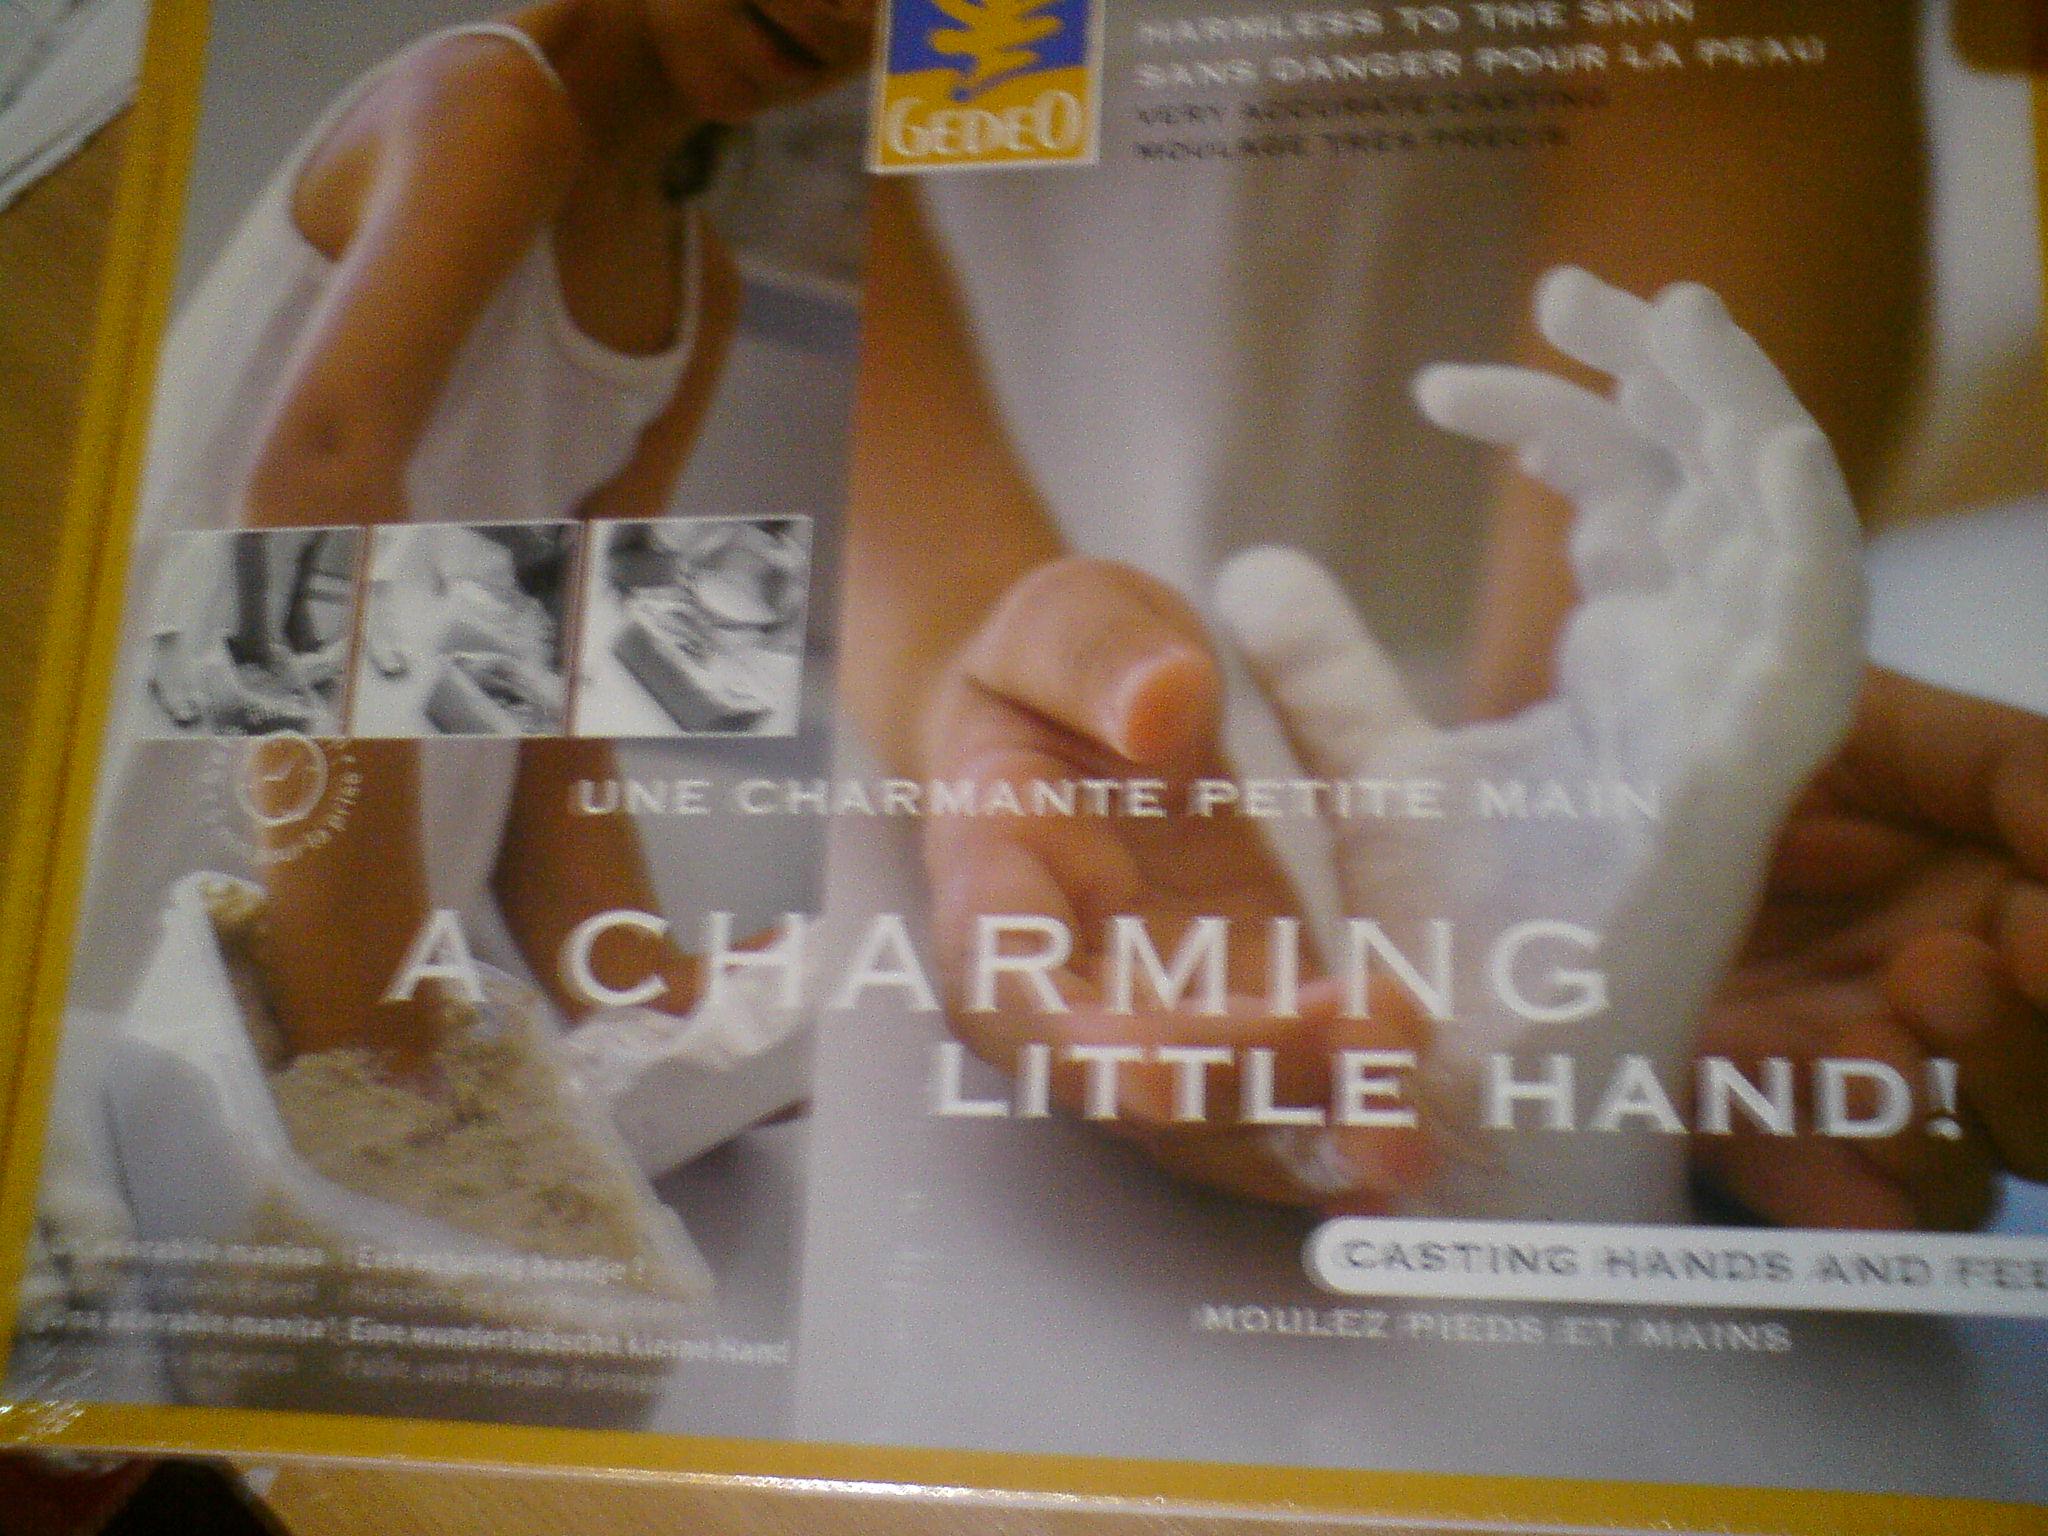 Sada Pebeo - odlievanie detskej ruky (3D ODLIATOK RUčIčKY  DIEťAťA)